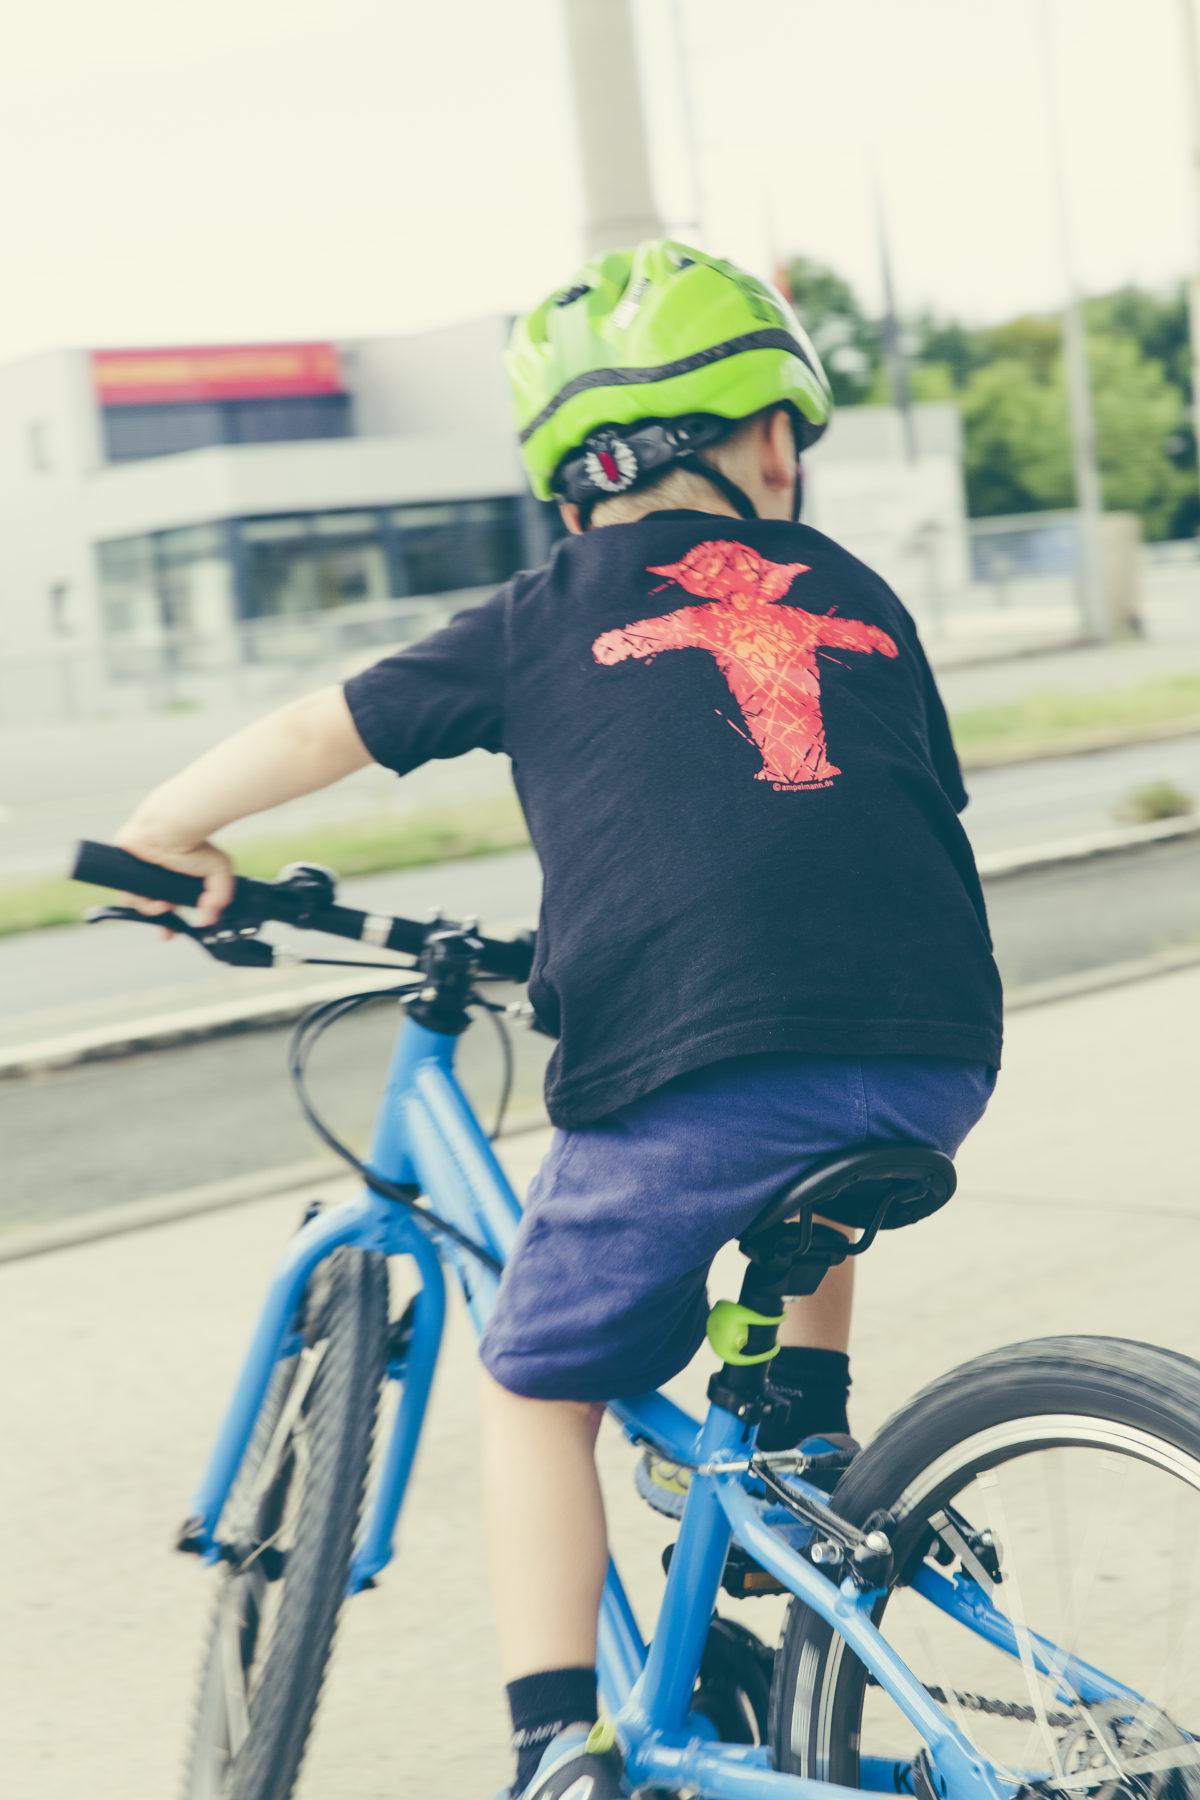 Αλλάζει ο Κώδικας Οδικής Κυκλοφορίας – Υποχρεωτική η χρήση κράνους σε ποδηλάτες έως 12 ετών